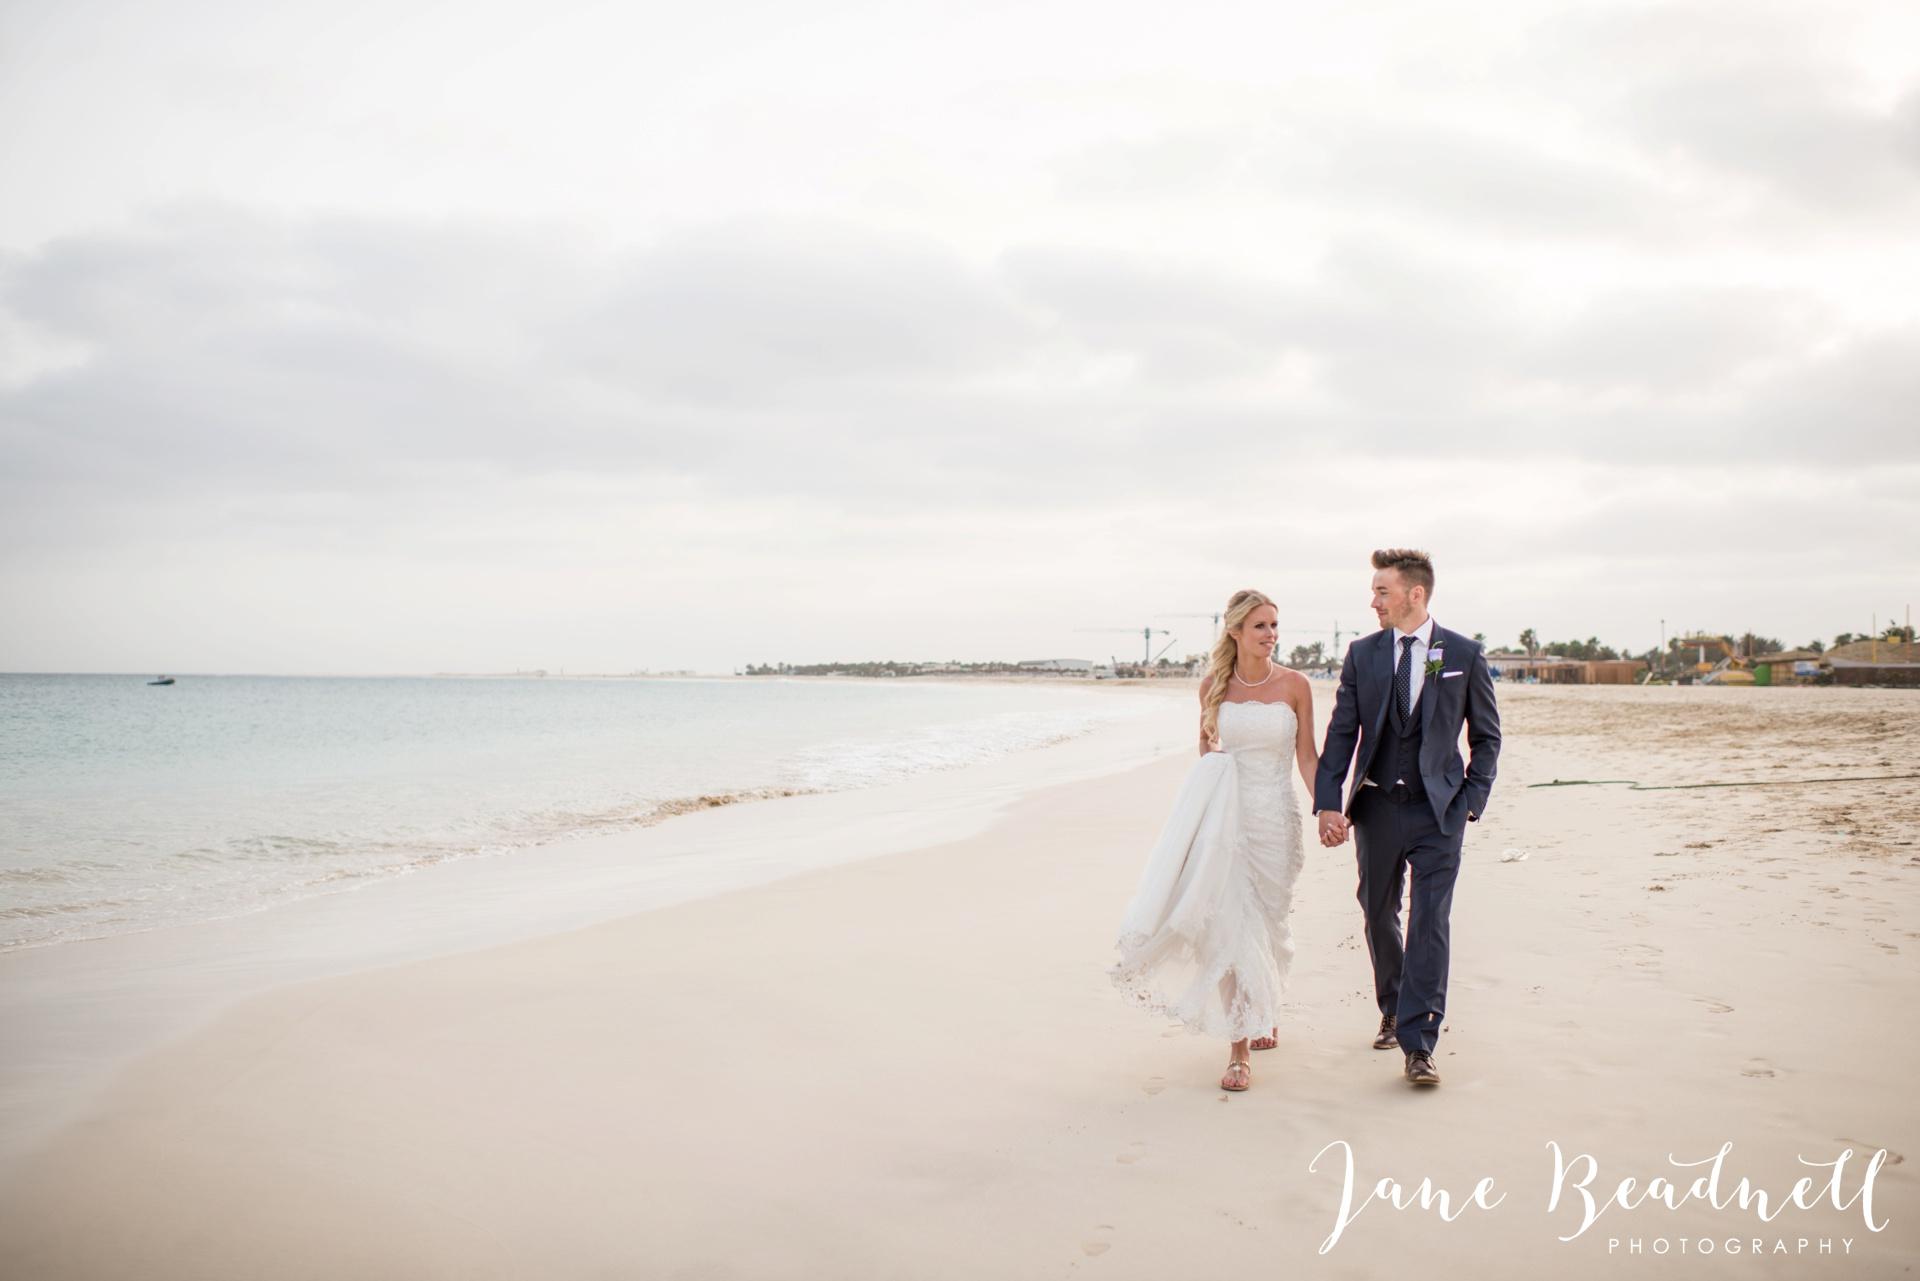 Jane Beadnell fine art wedding photographer Leeds Destination wedding photographer_0029